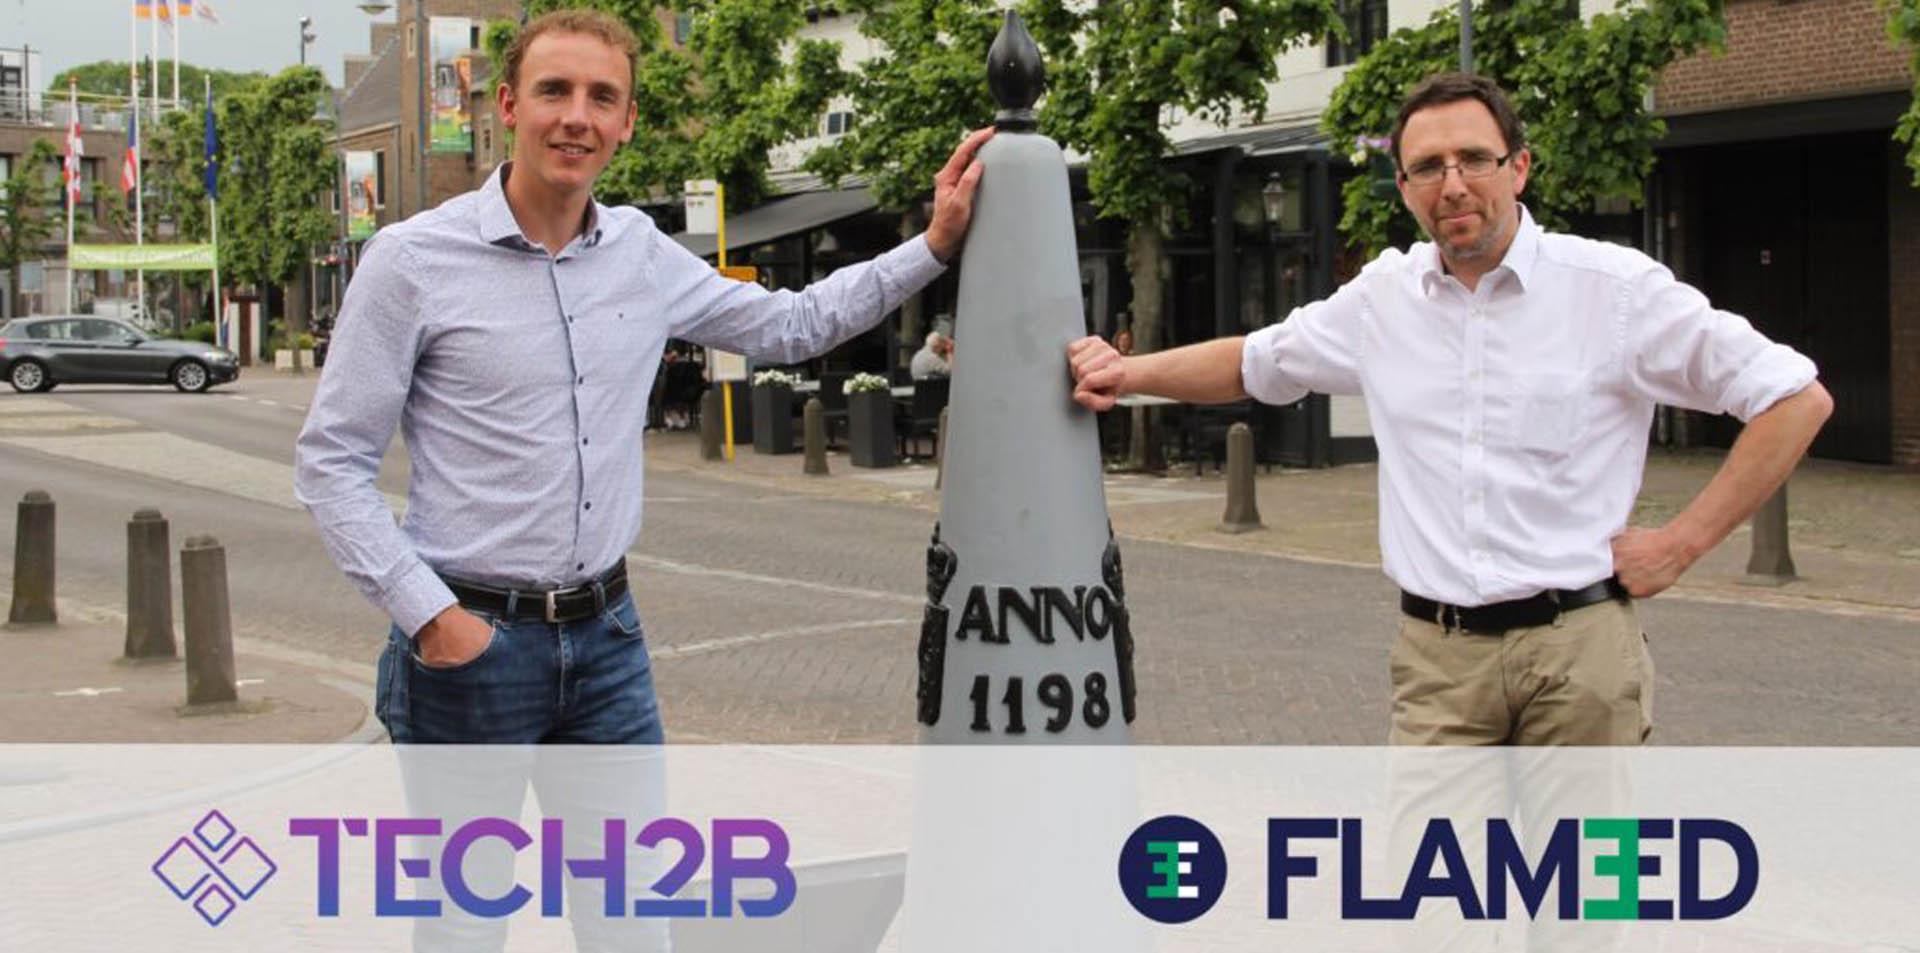 Tech2B samenwerking Flam3D